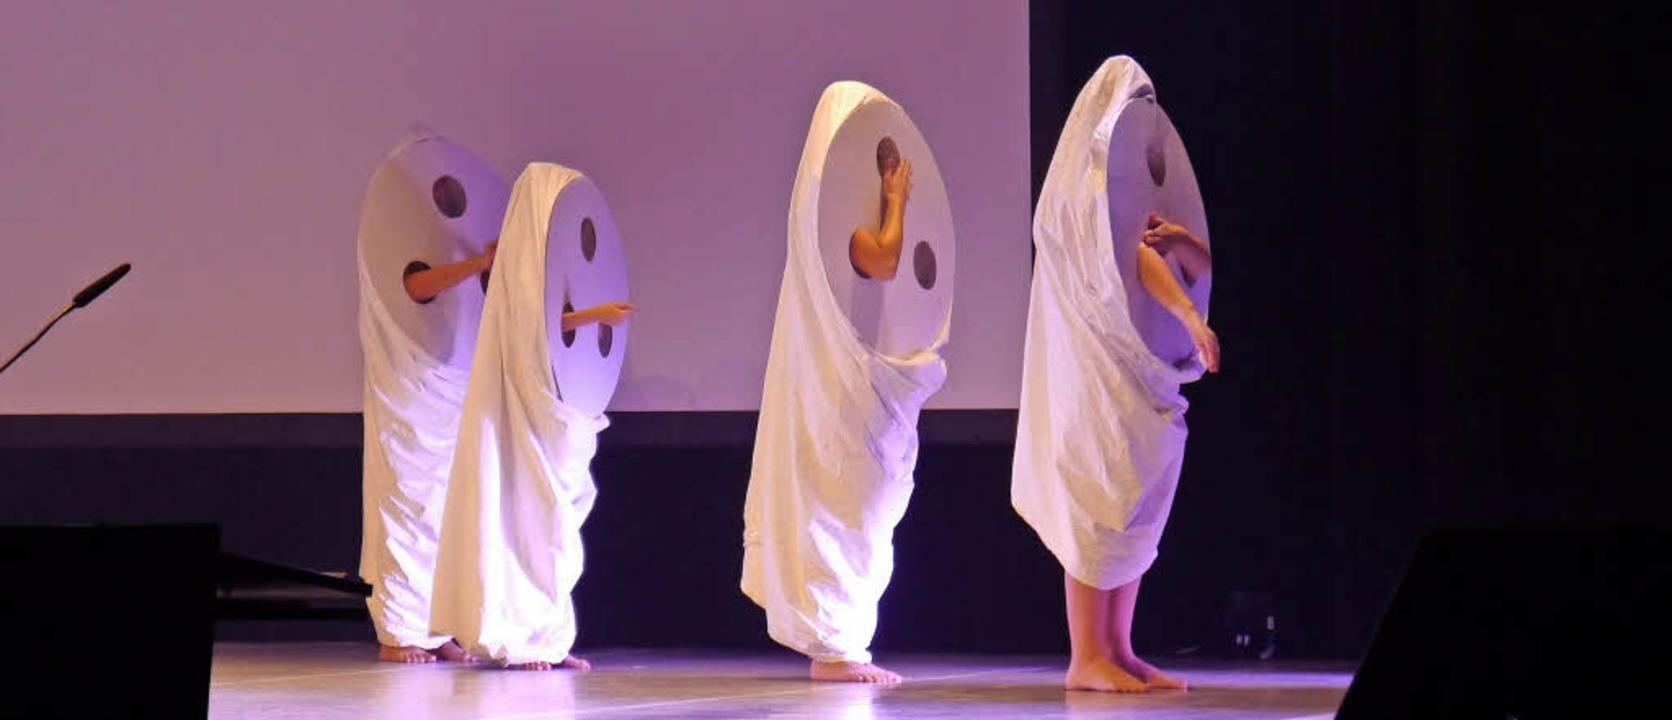 Phantasievolle Aufführungen umrahmten ...kreative Entwicklung junger Menschen.   | Foto: Heidi Ast